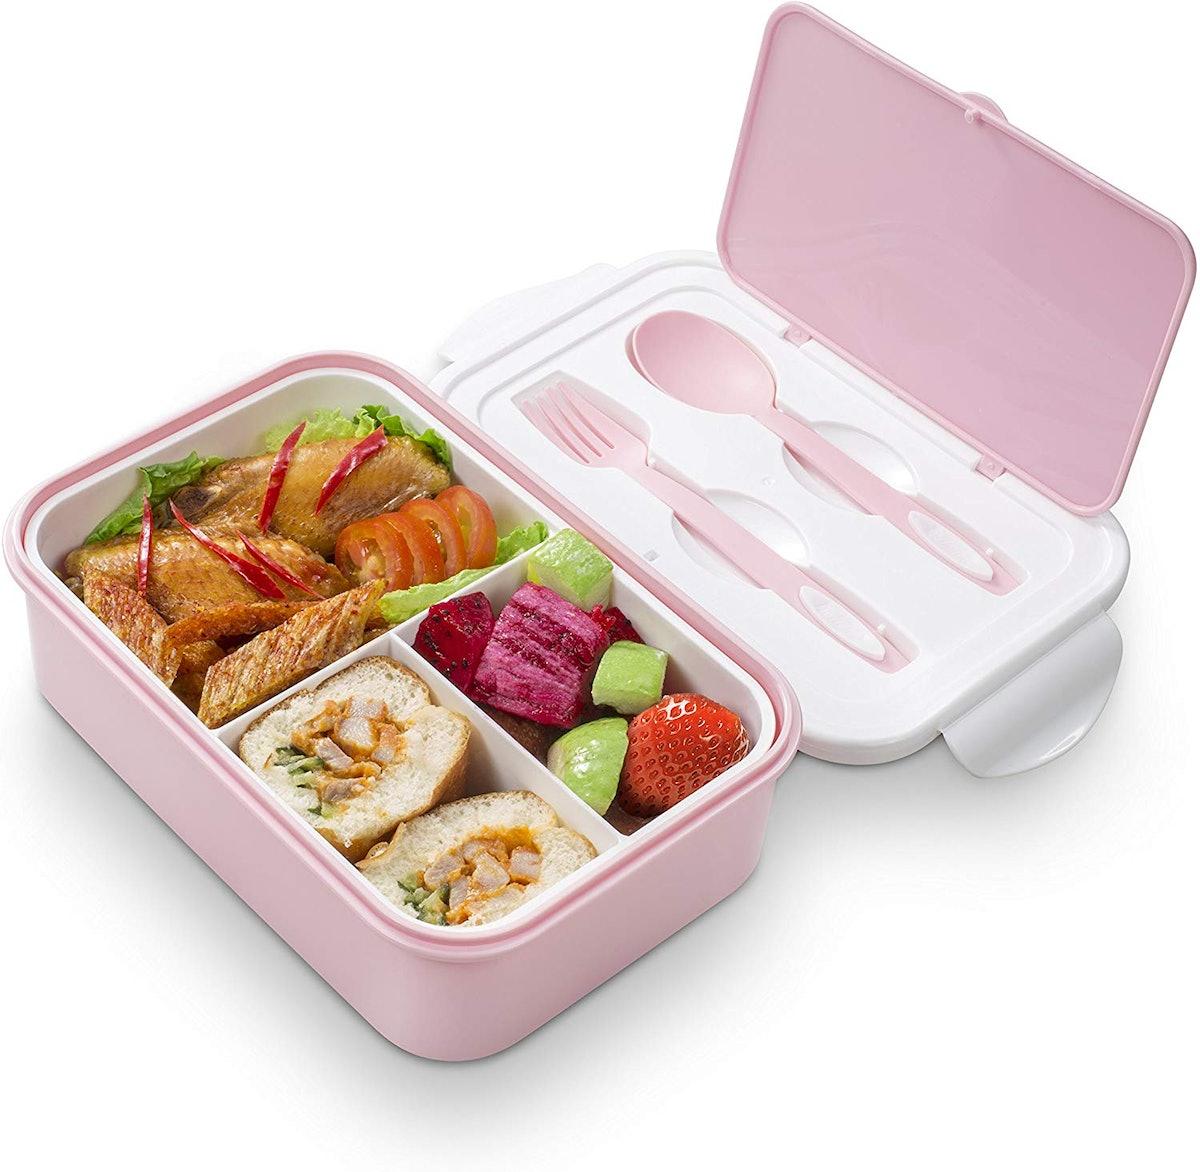 Thousanday Bento Box